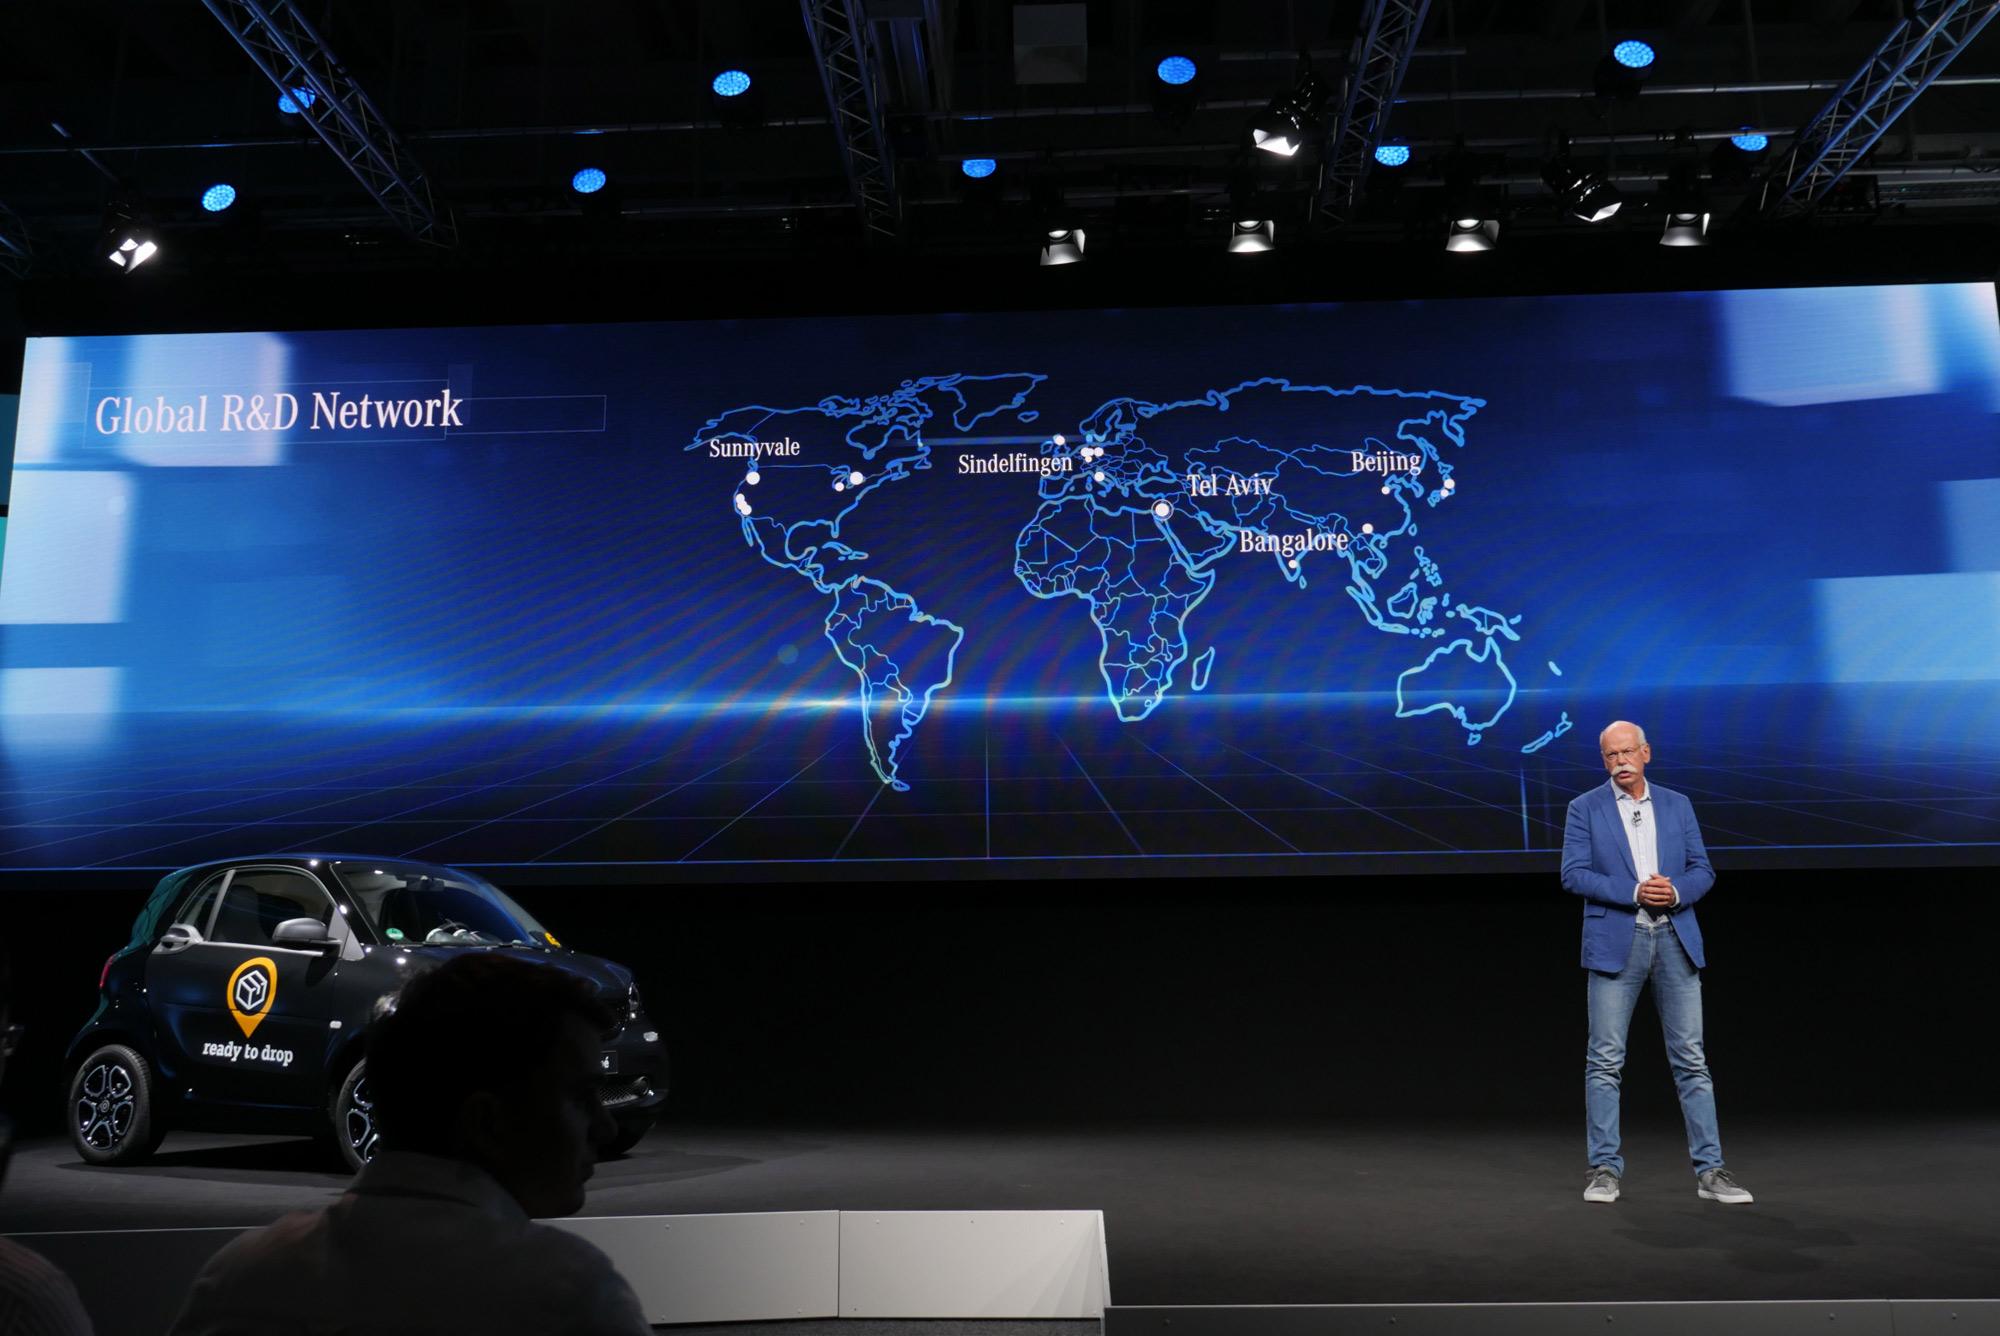 Mercedes CEO Dieter Zetsche RnD Network